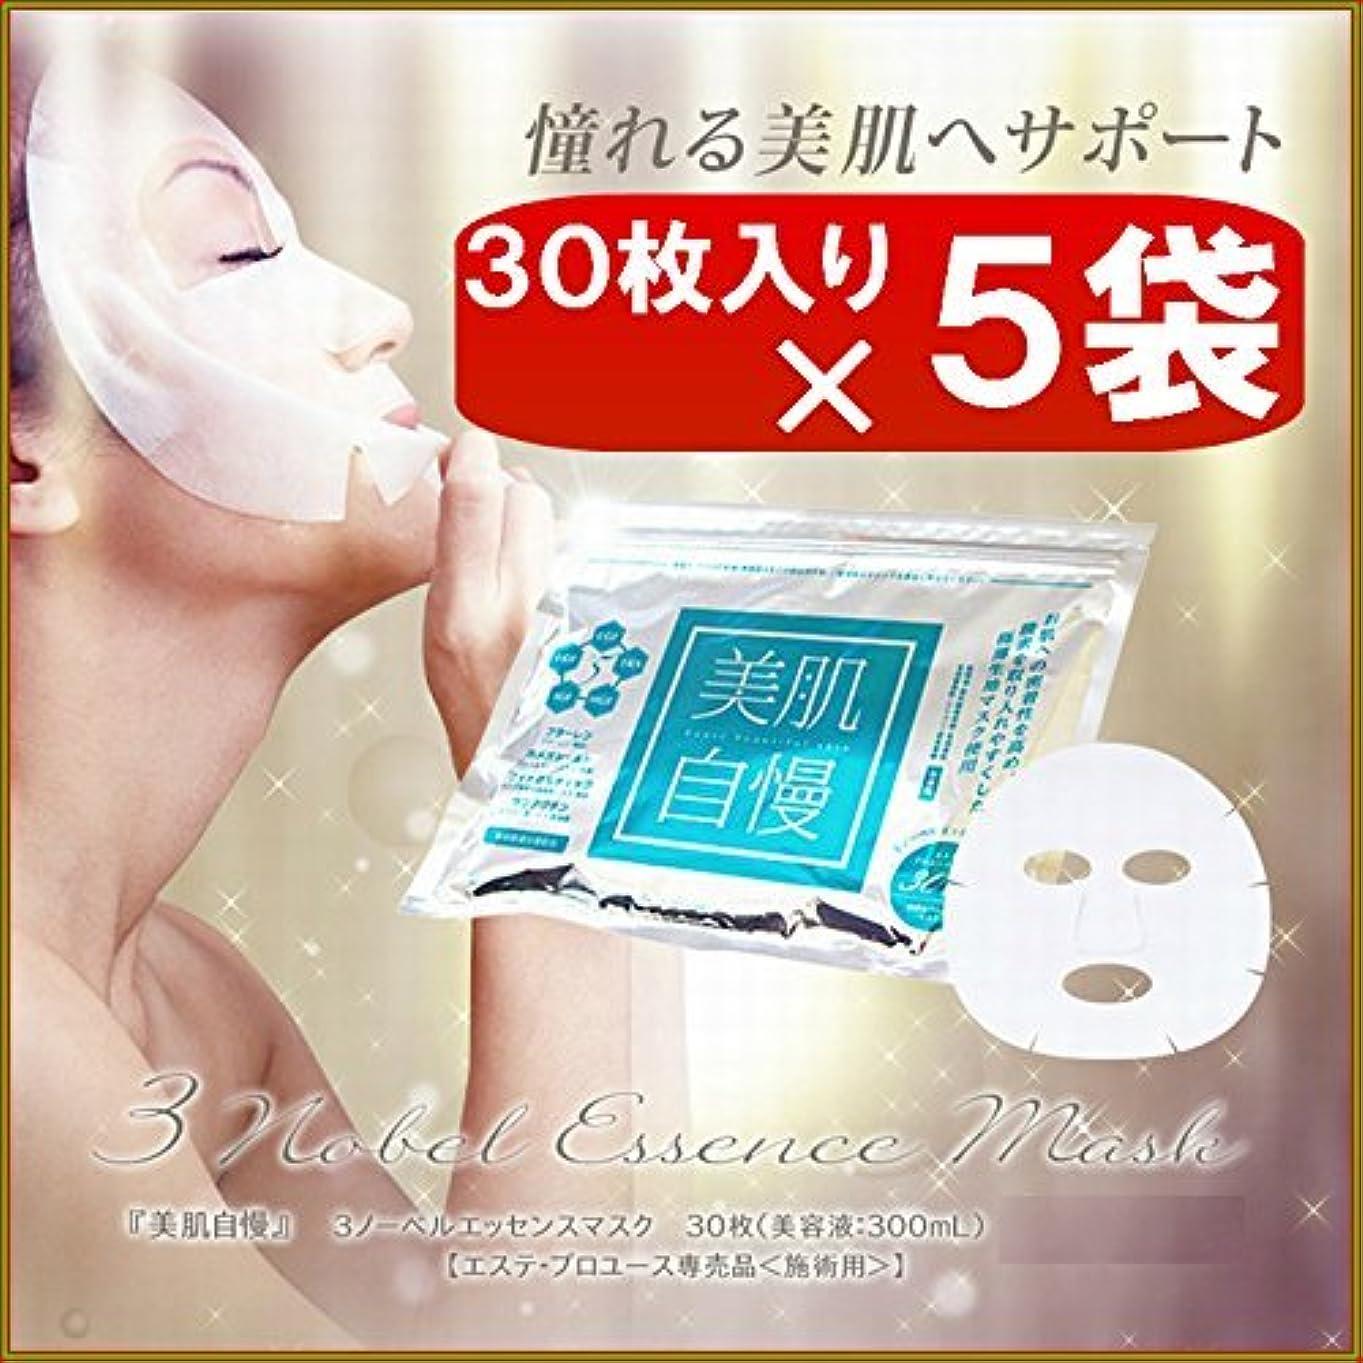 信じられない実り多い批判美肌自慢フェイスマスク 30枚入り ×超お得5袋セット 《エッセンスマスク、EGF、IGF、ヒアルロン酸、プラセンタ、アルブチン、カタツムリエキス、しみ、しわ》